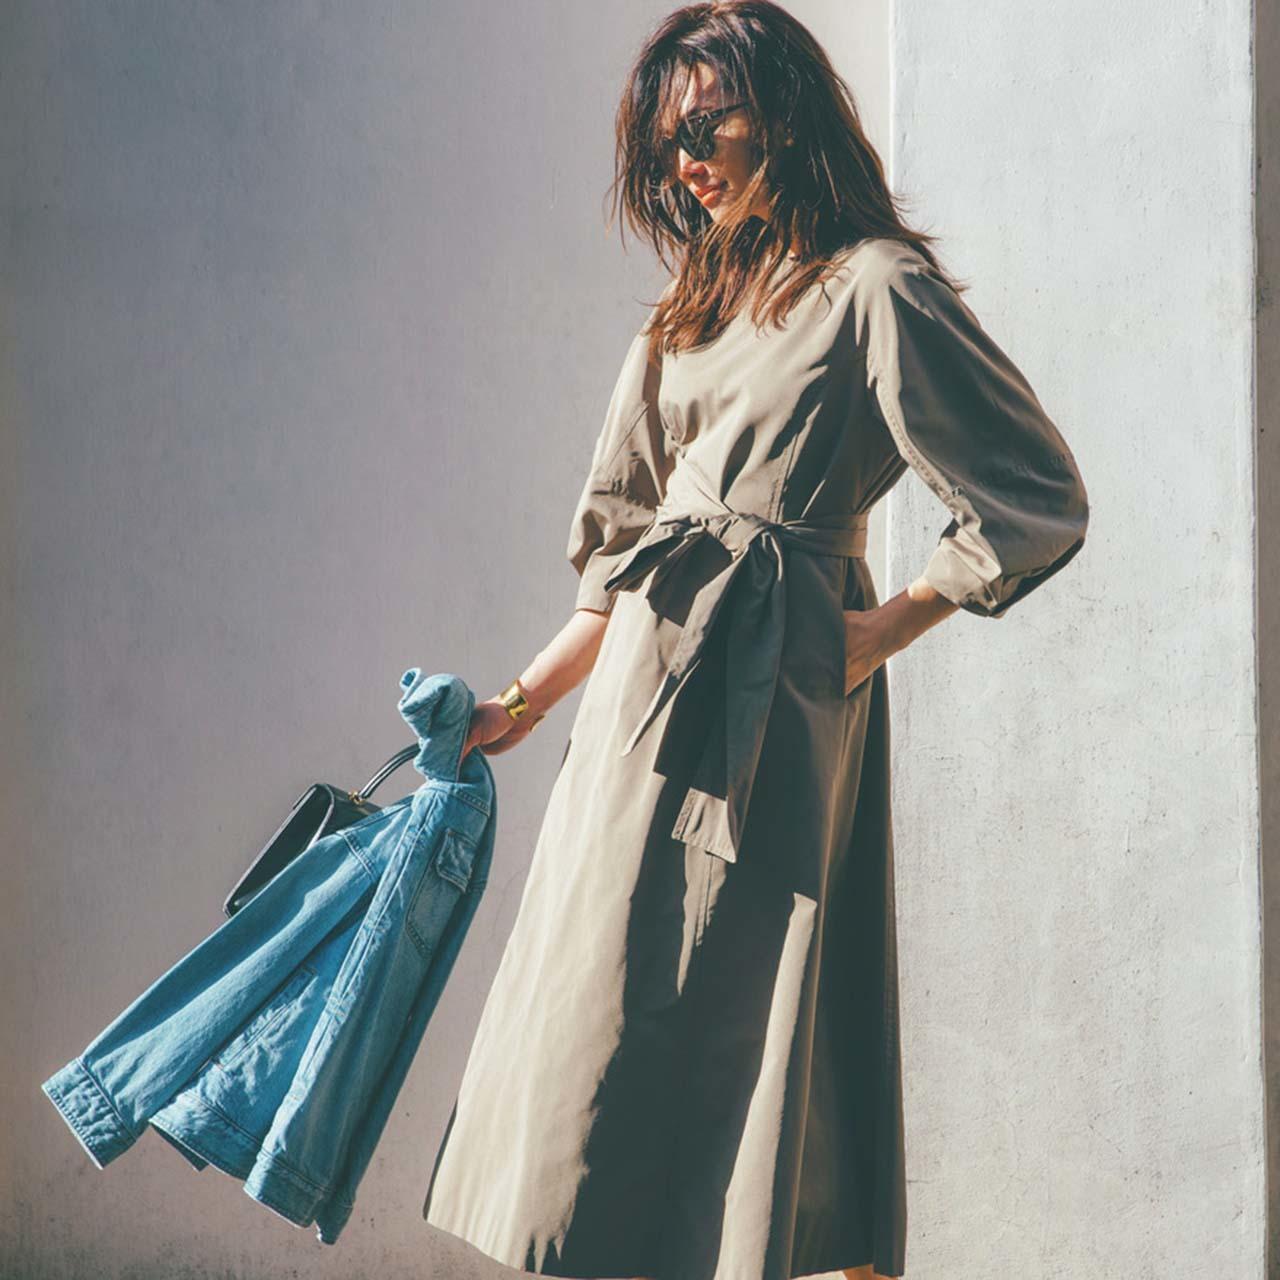 無地のウエストコンシャスのワンピースを着たモデルのRINAさん